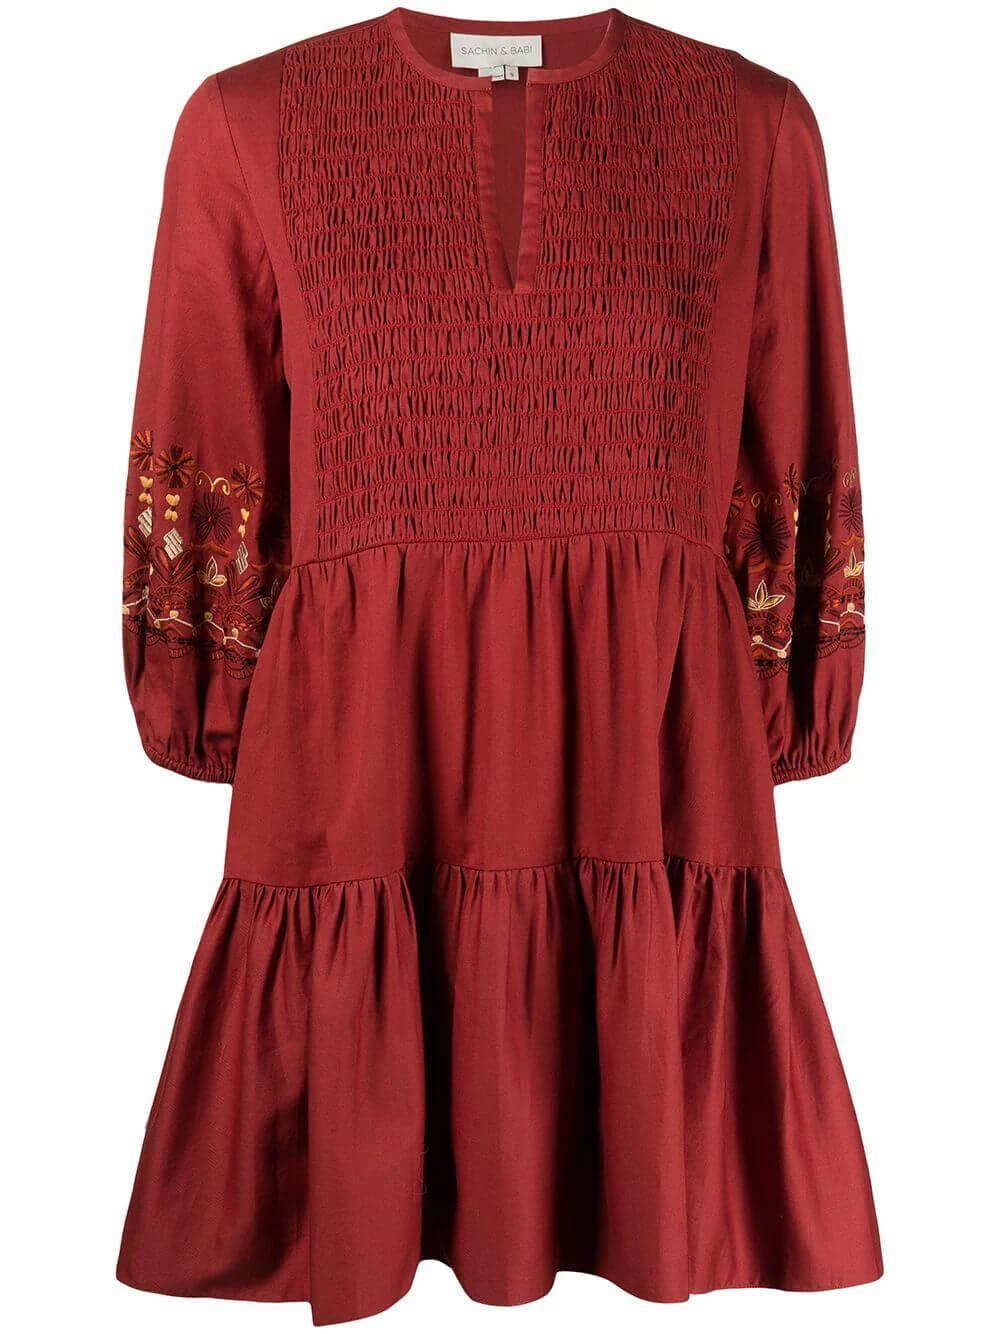 Kendall Dress Item # F211D18-220